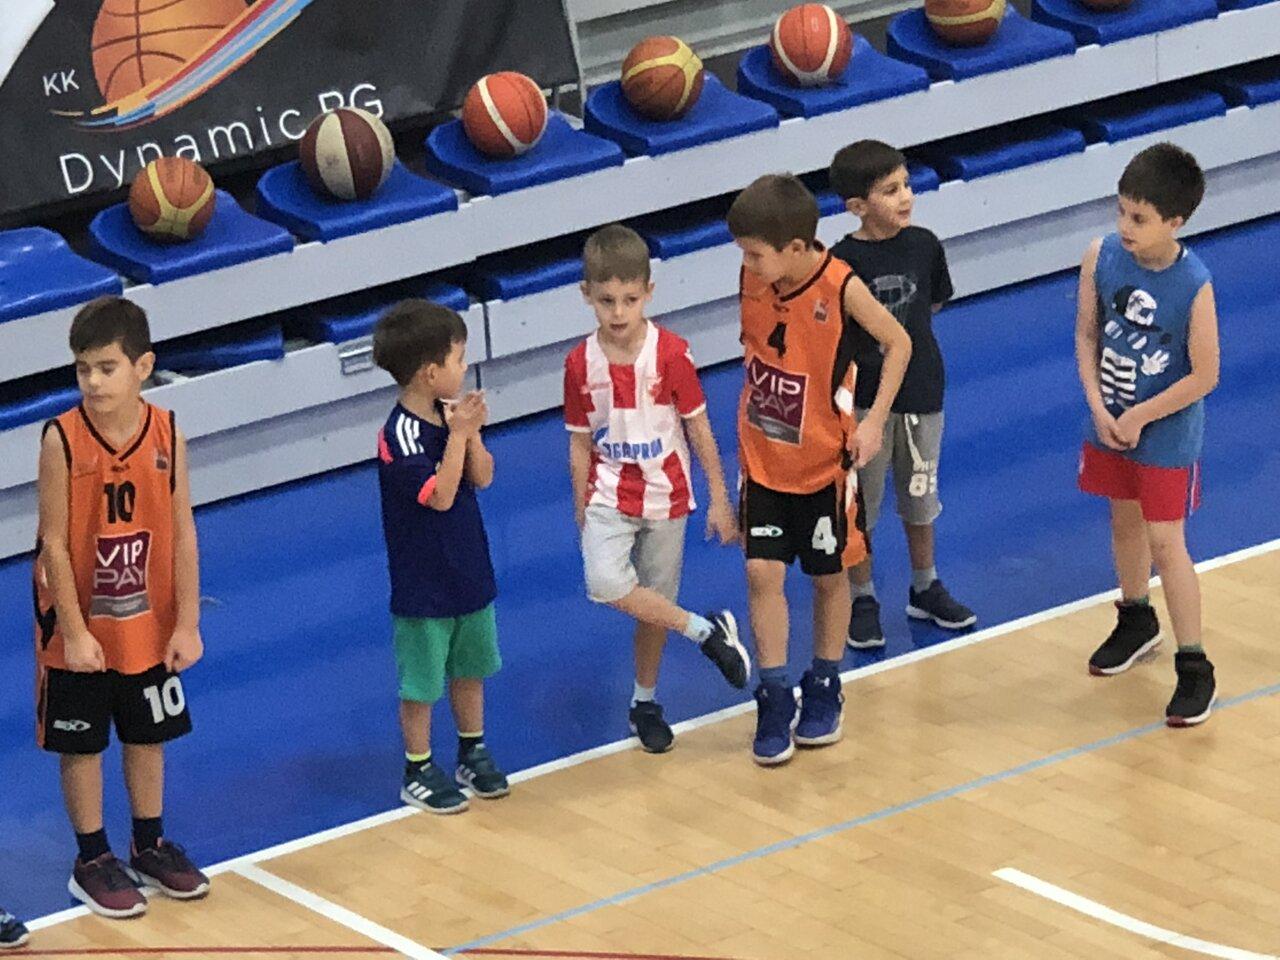 キッズ向けスポーツ教室にて、バスケットボールを習うステファンくん。  <br> 写真提供:富永正明